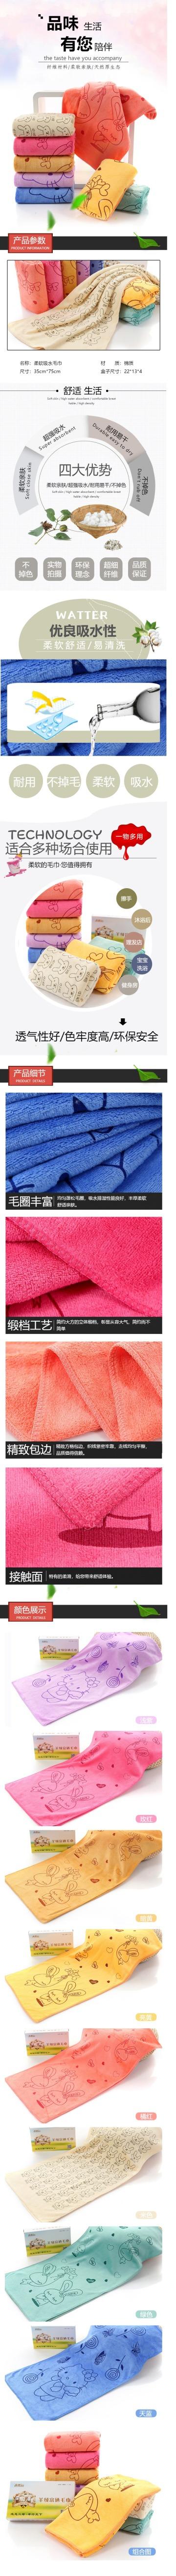 时尚品味毛巾电商详情页